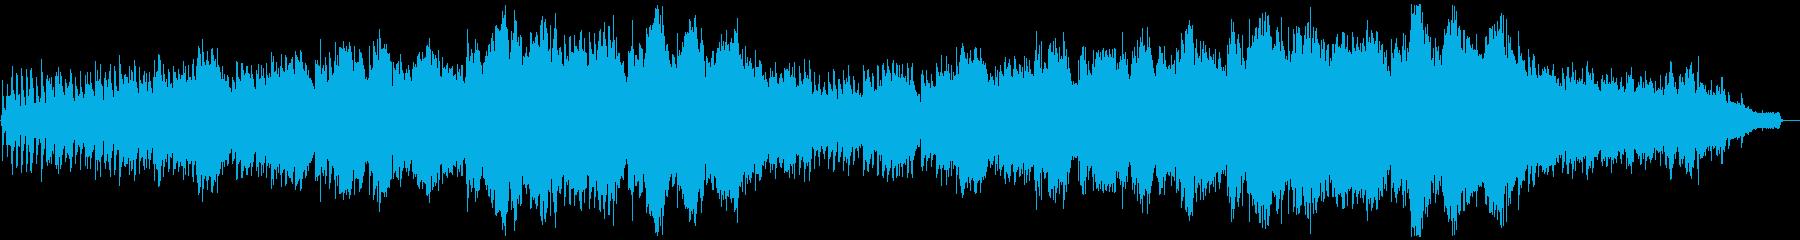 幻想的なカッチーニのアヴェ・マリアの再生済みの波形